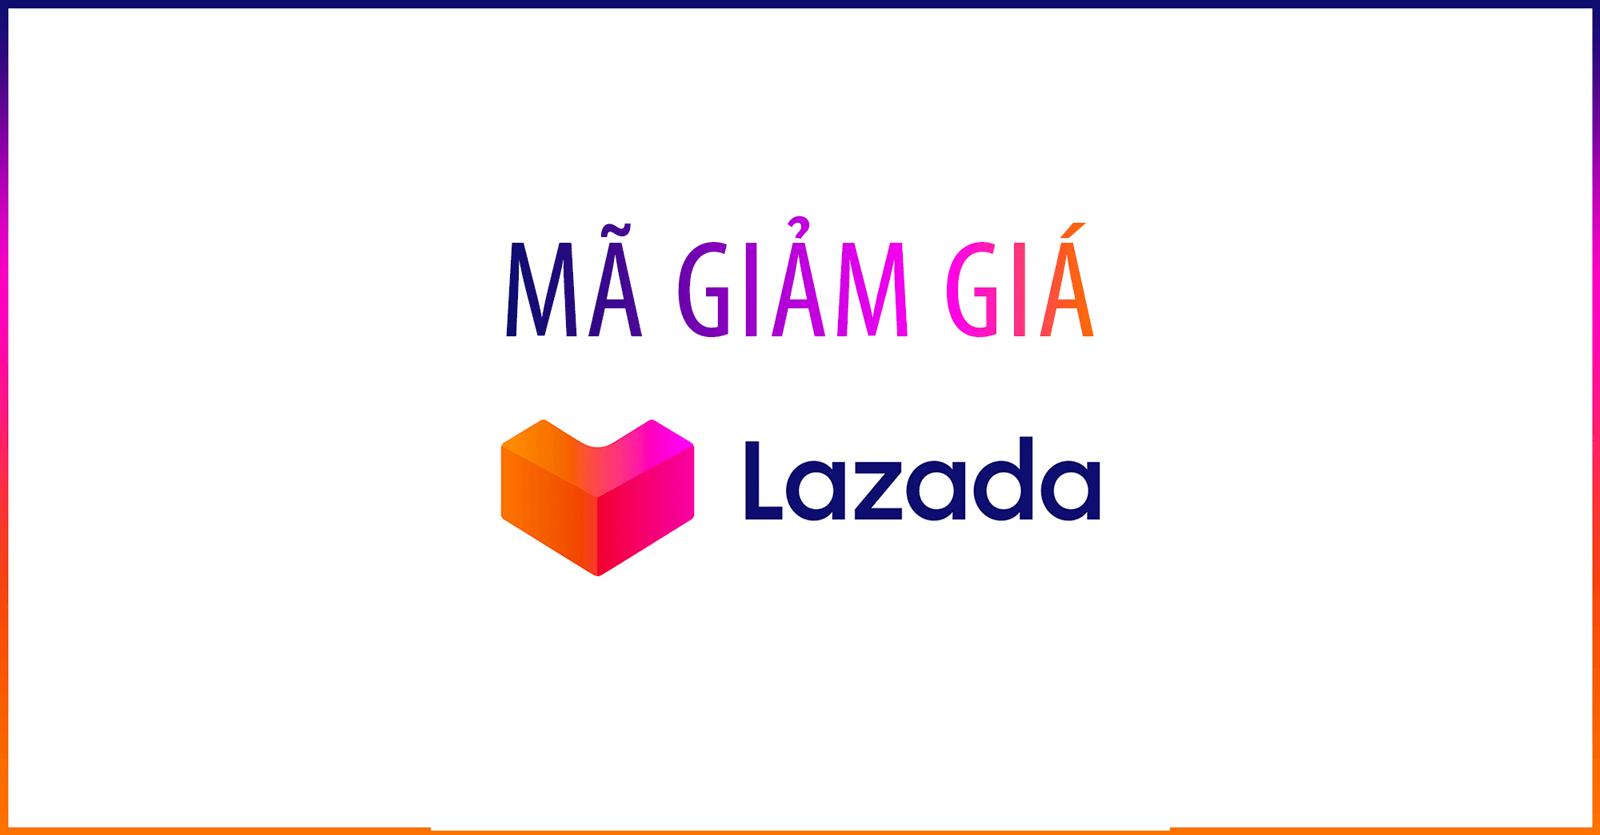 Mã giảm giá Lazada tháng 5/2020 Đầy Đủ và Mới Nhất